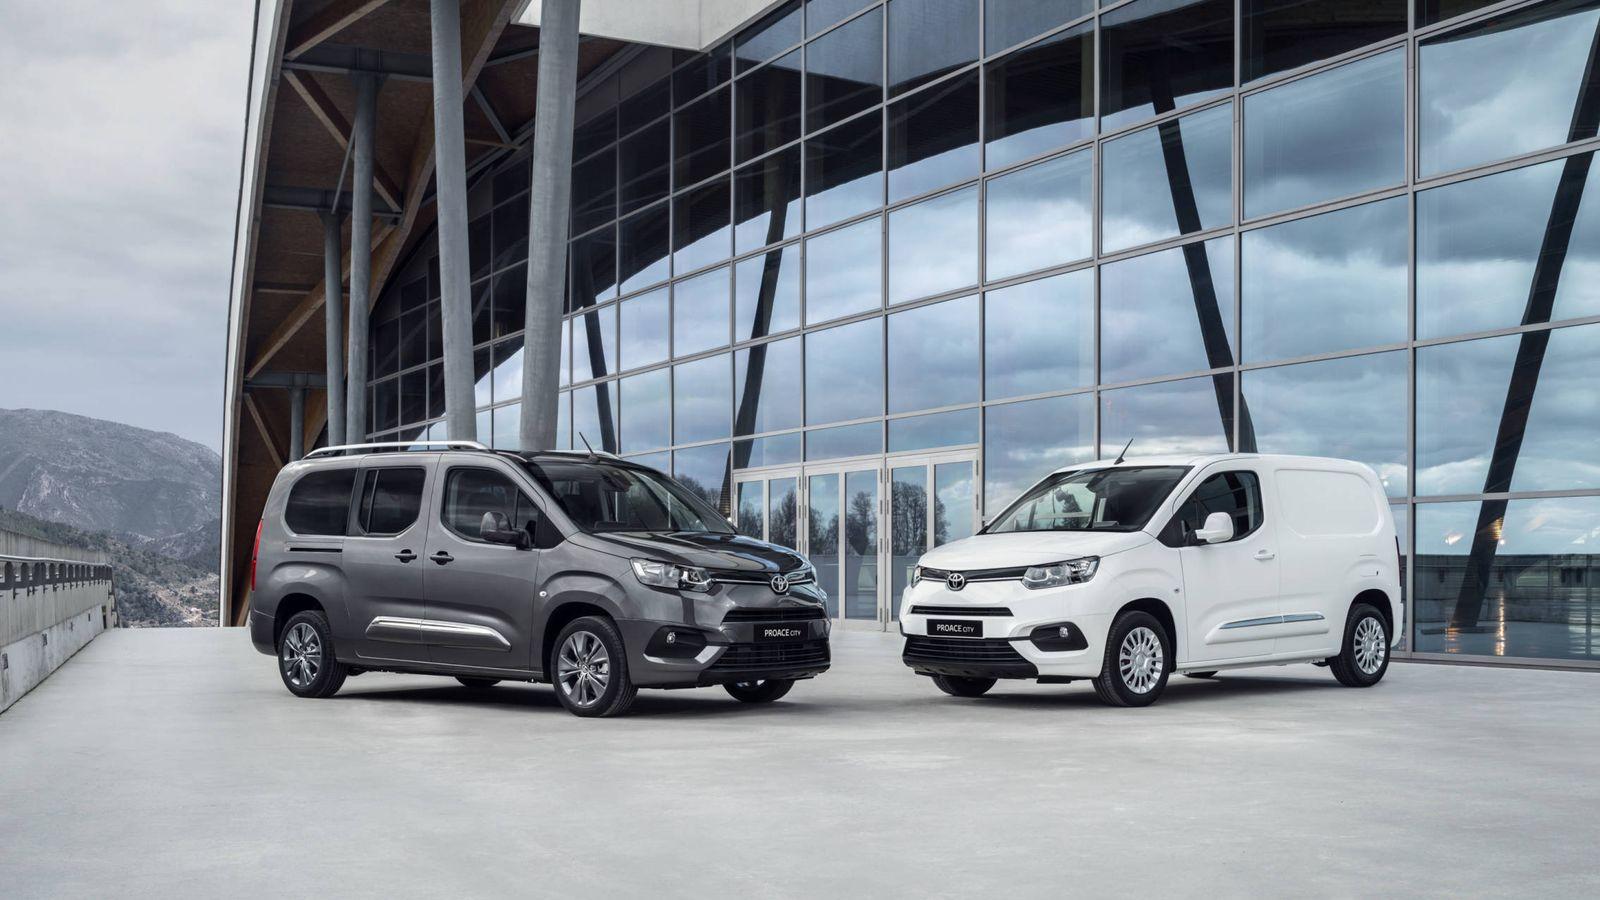 Foto: Habrá versiones de carrocería corta y larga y también variantes furgoneta o de transporte de pasajeros del Proace City fabricado en Vigo.